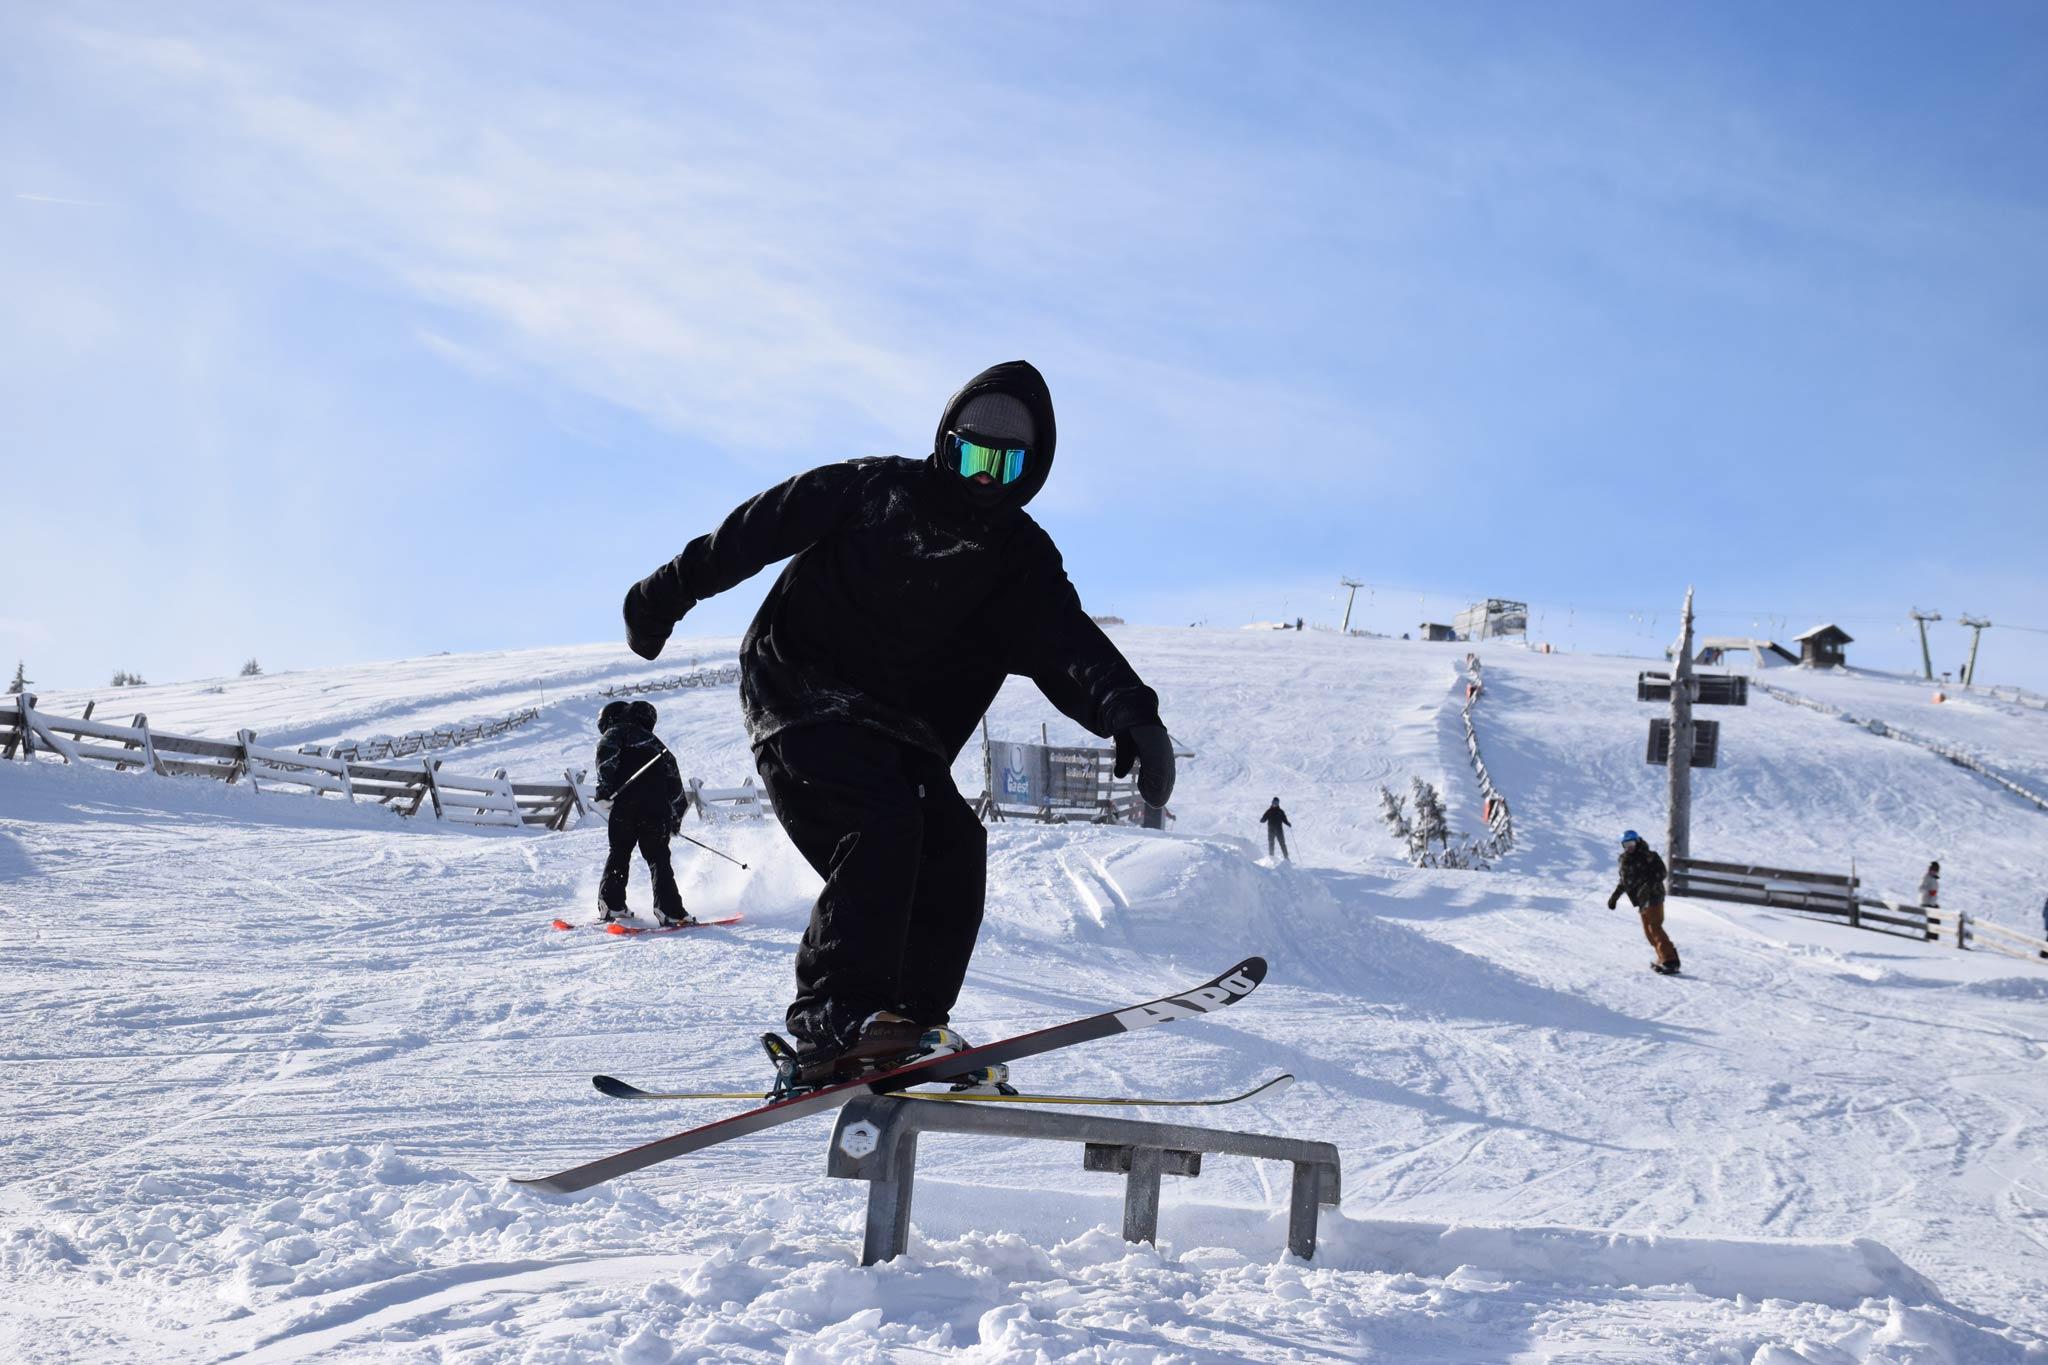 Nachdem der Sturm vorüber gezogen war, stand einem erfolgreichem Opening des Neighborhood Snowparks nichts mehr im Weg.